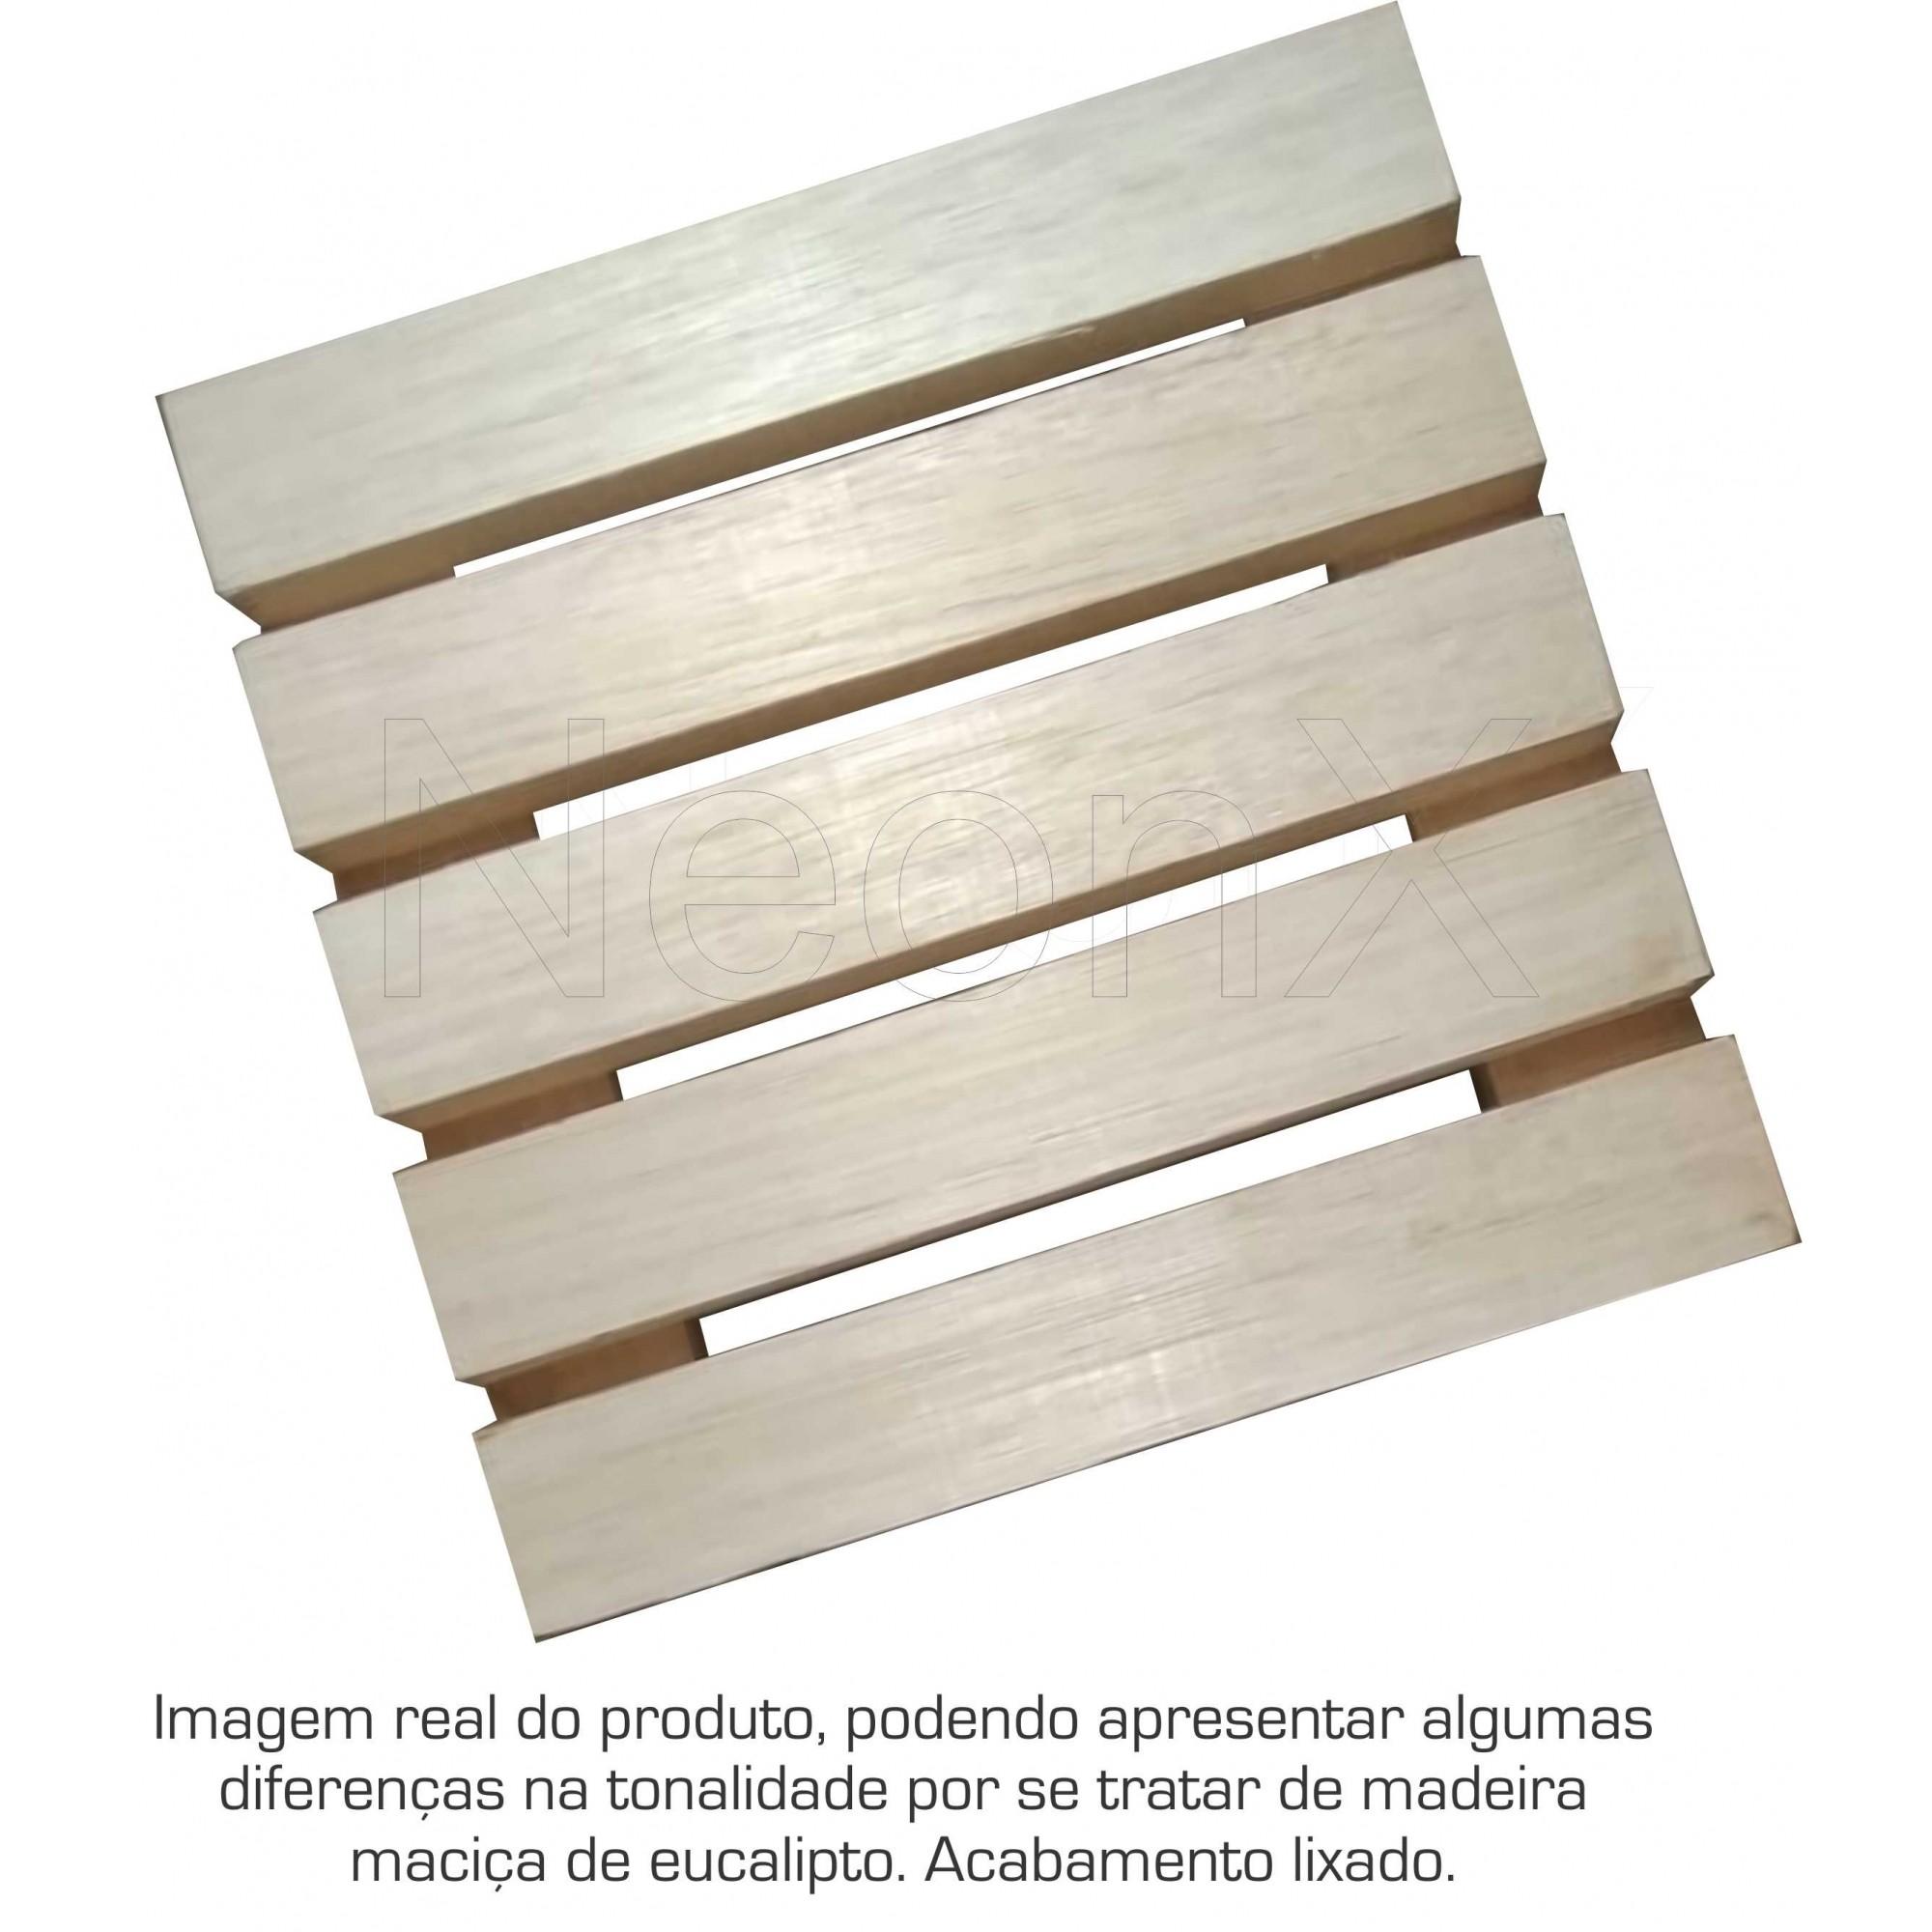 Deck Madeira Modular 25x25 Cm Réguas 4 cm NeonX